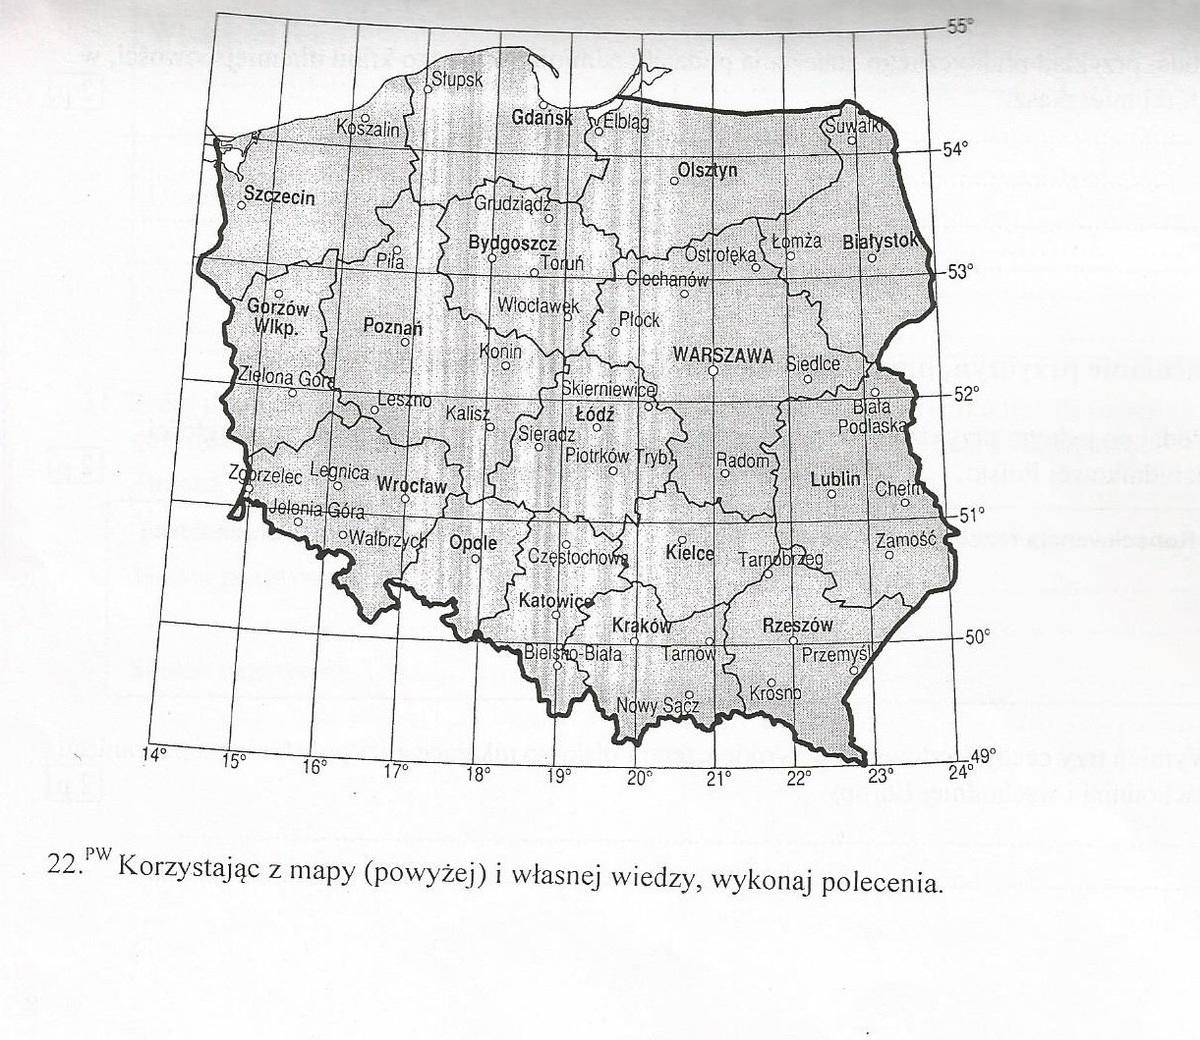 Zadania Z Mapa Wspolrzedne Geograficzne Wysokosc Gorowania